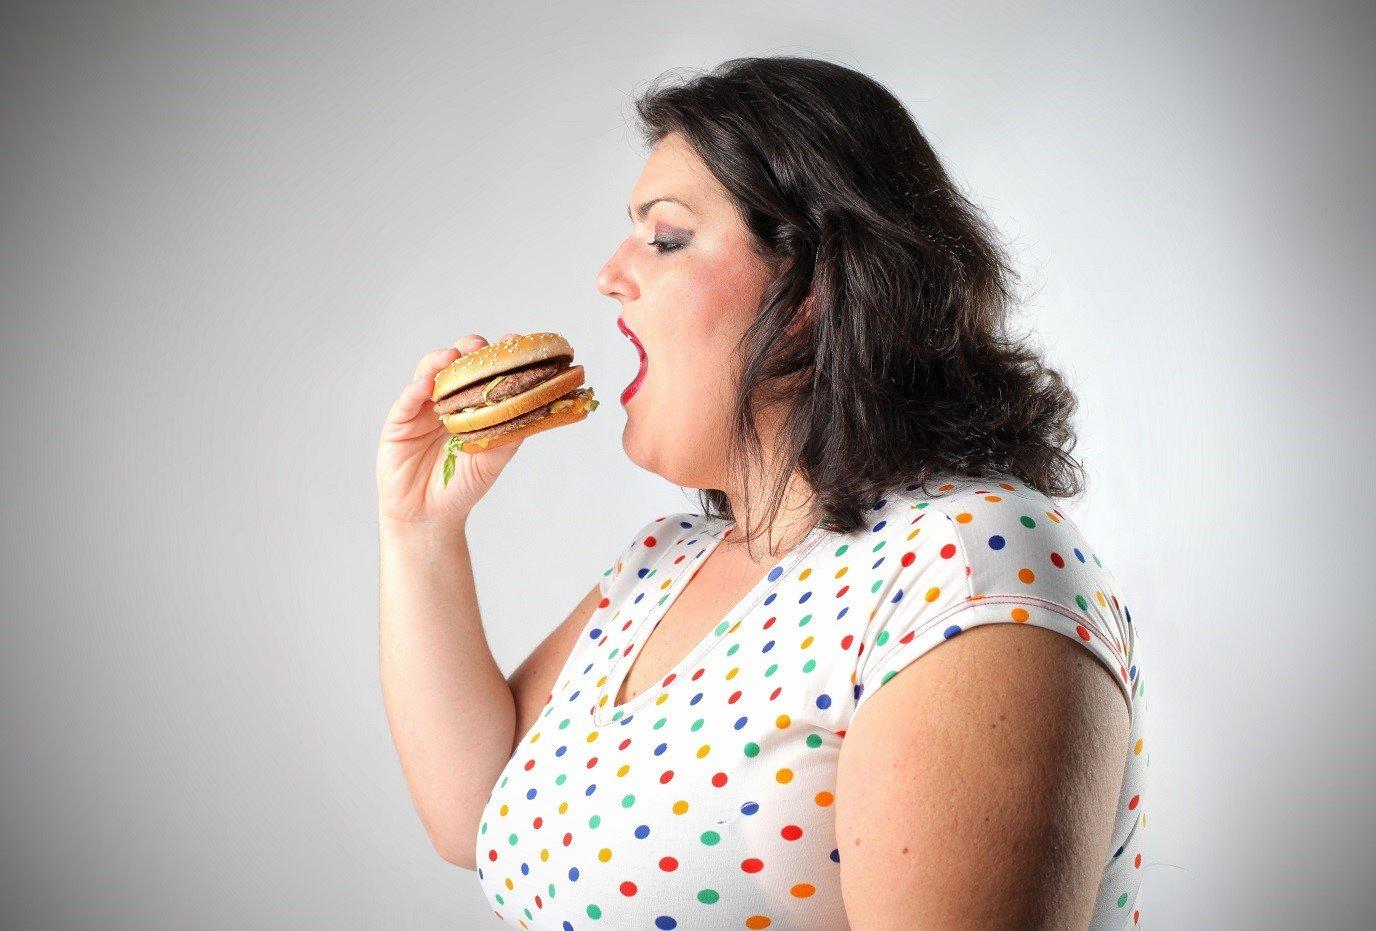 сможет заговорить фото толстухи с едой застонала неожиданности